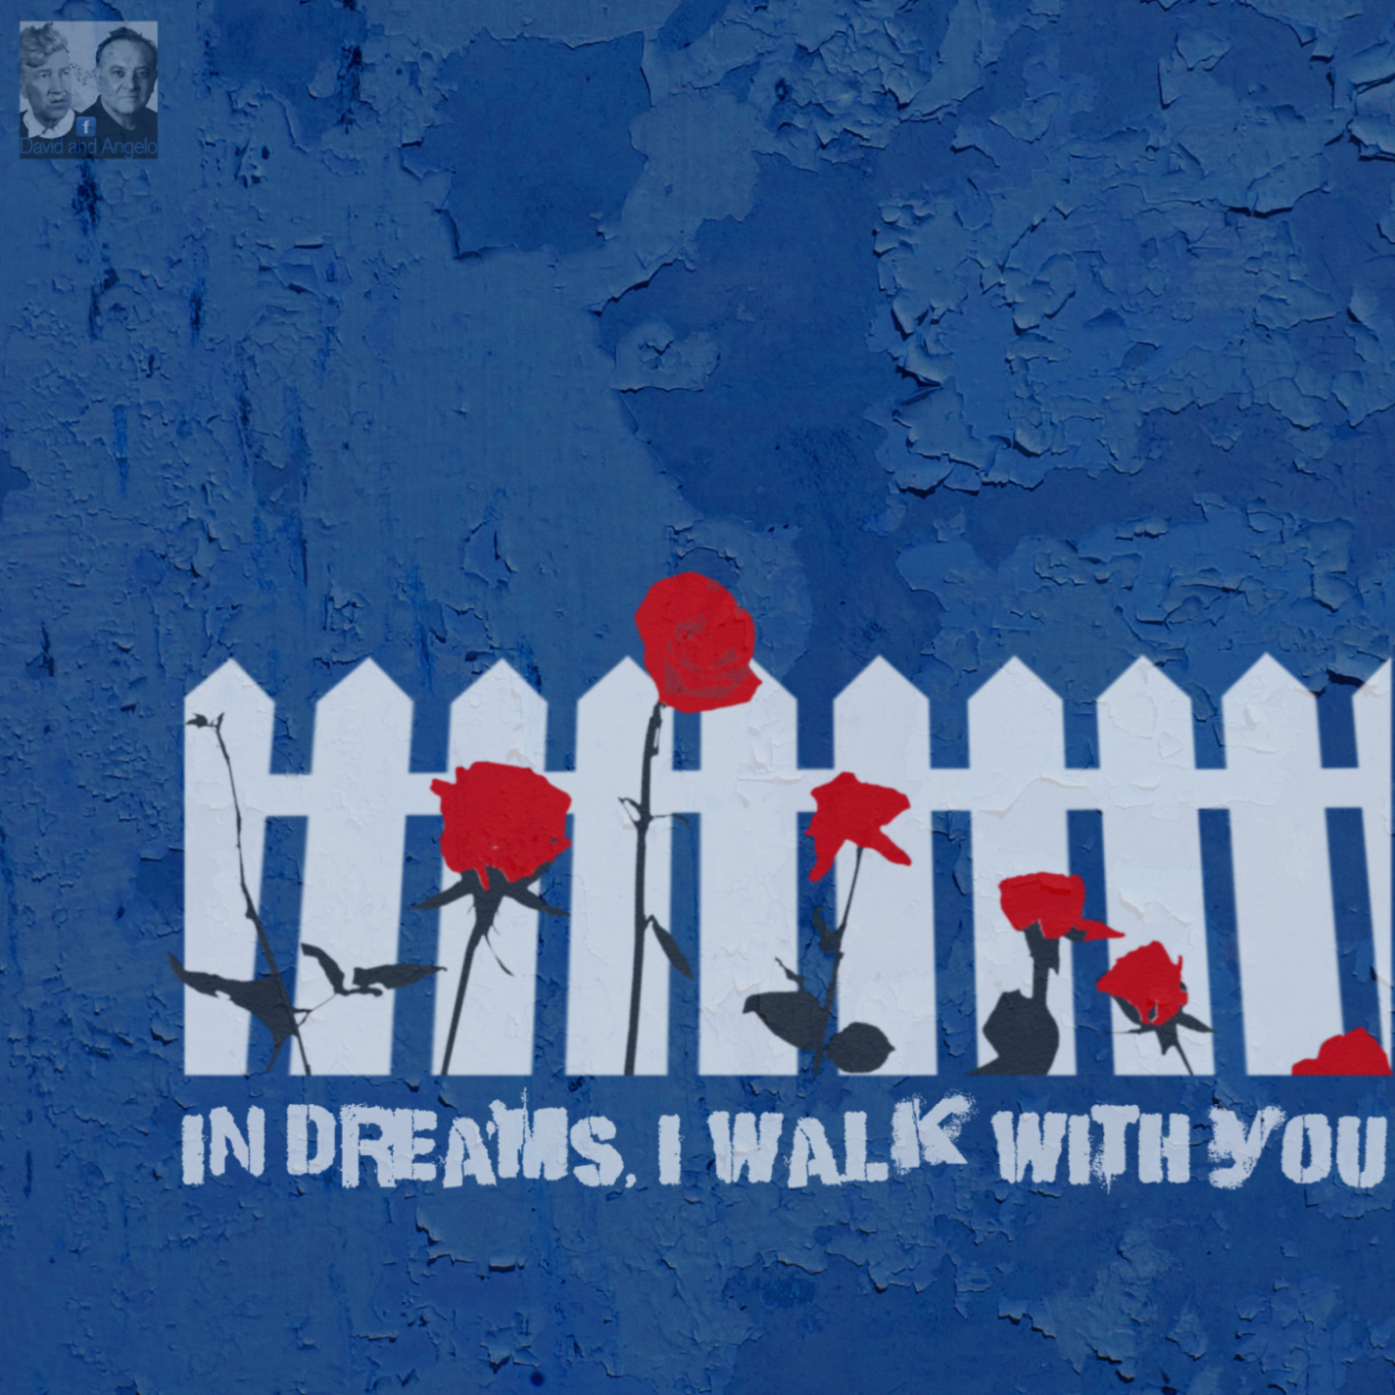 Blue Velvet In dreamssmall.png